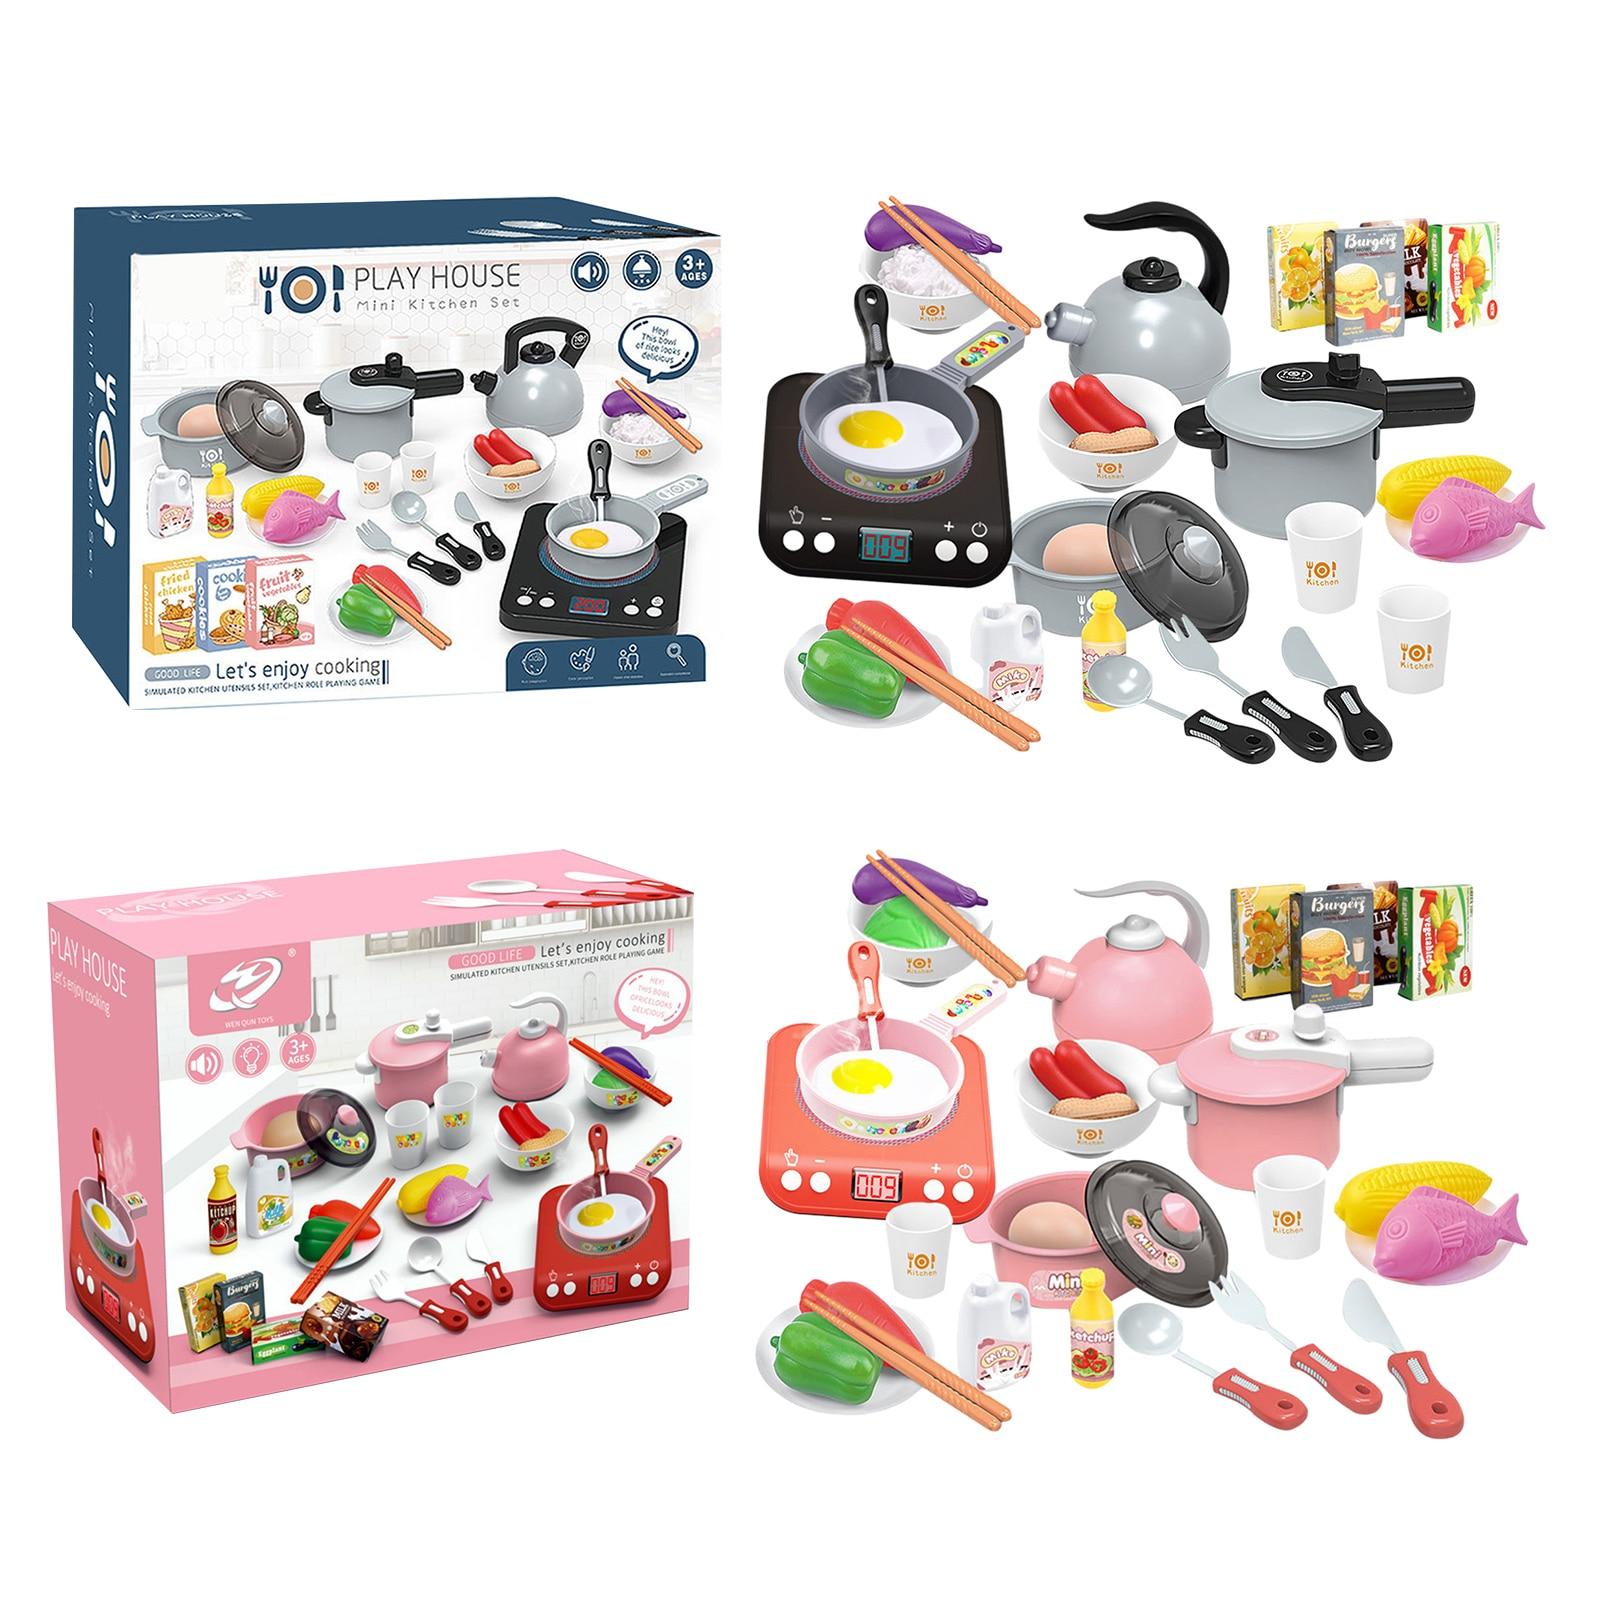 29 детских кухонь, игрушечные наборы для приготовления пищи, наборы для приготовления кастрюль и сковородок, детский подарок для обучения де...